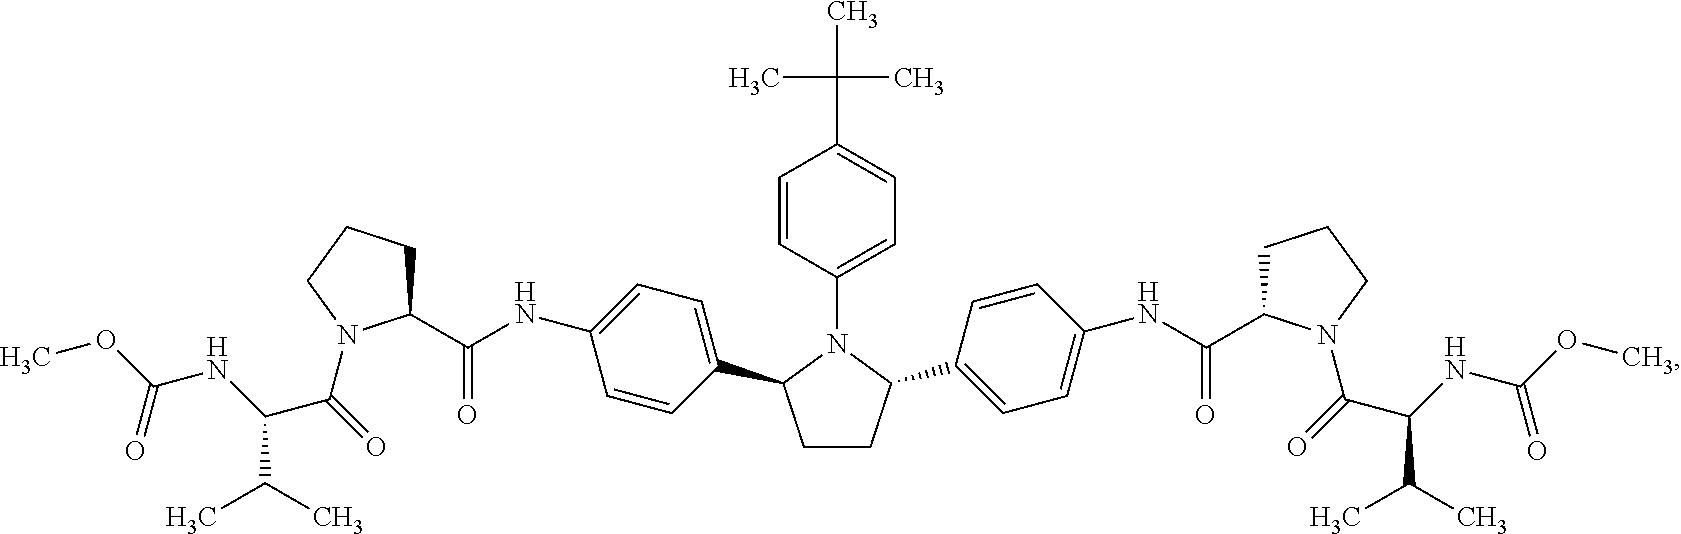 Figure US09333204-20160510-C00009